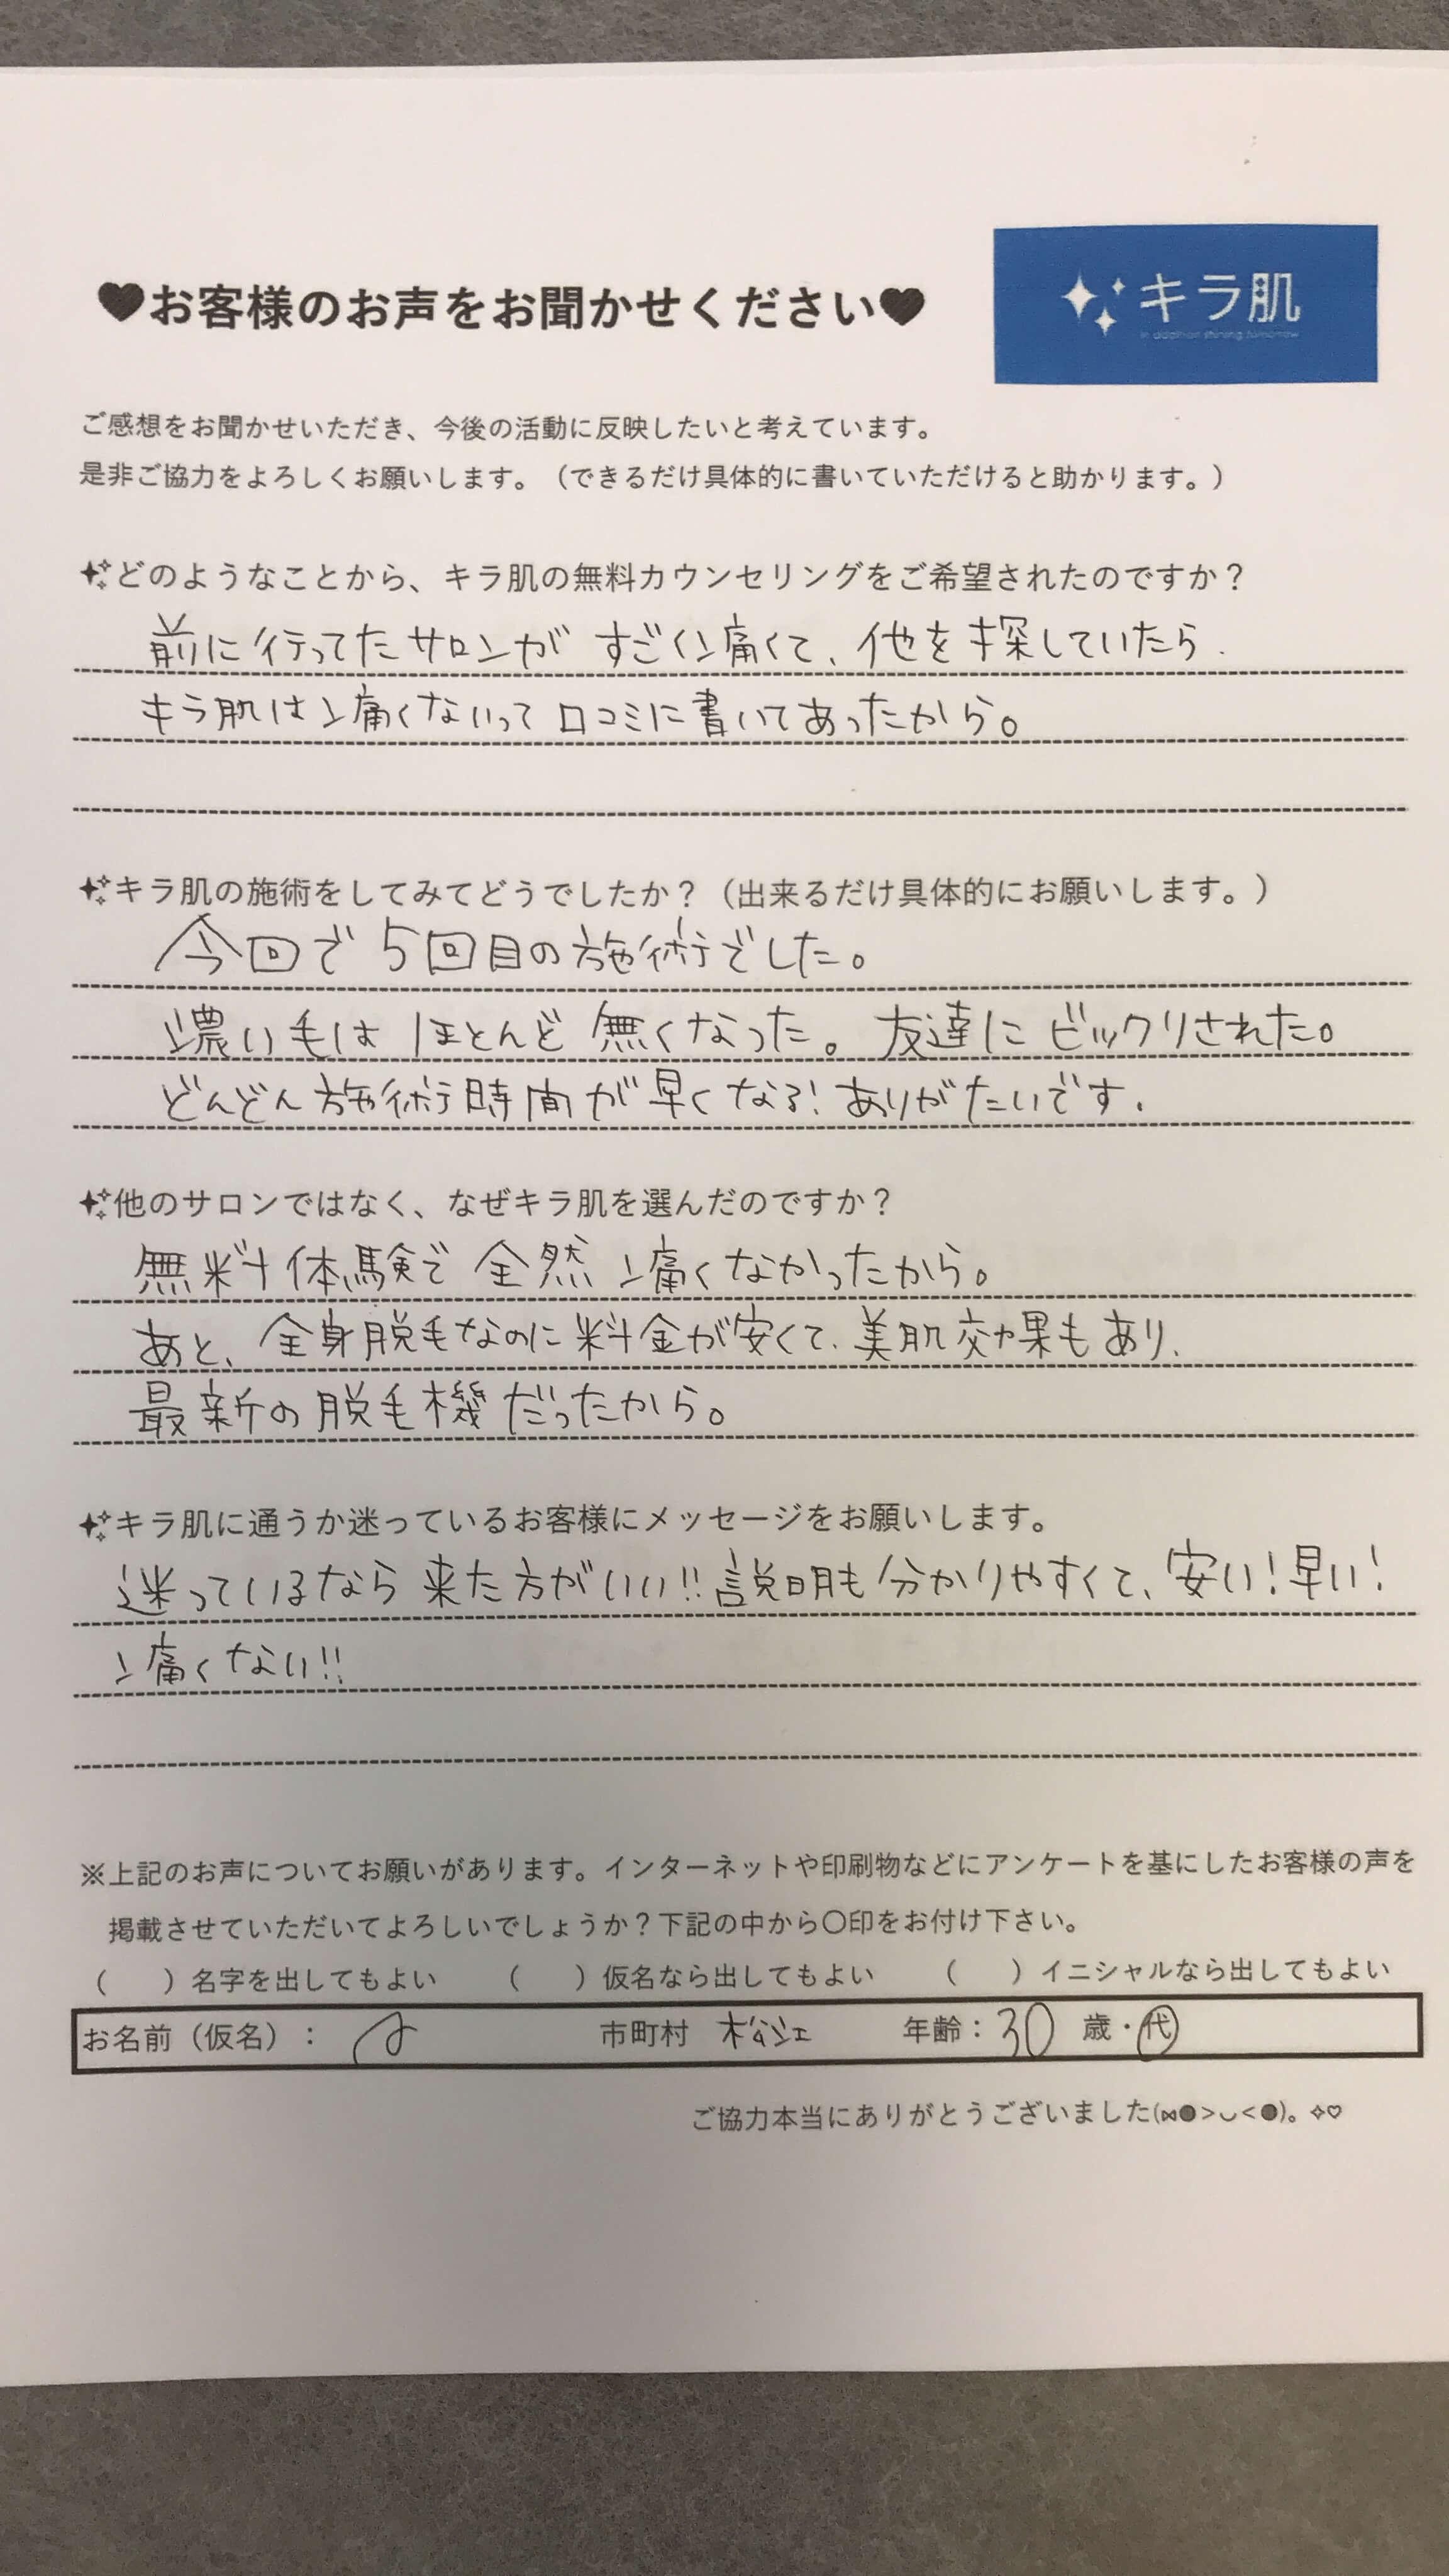 松江 脱毛 全身脱毛/VIO/顔 5回目 口コミ